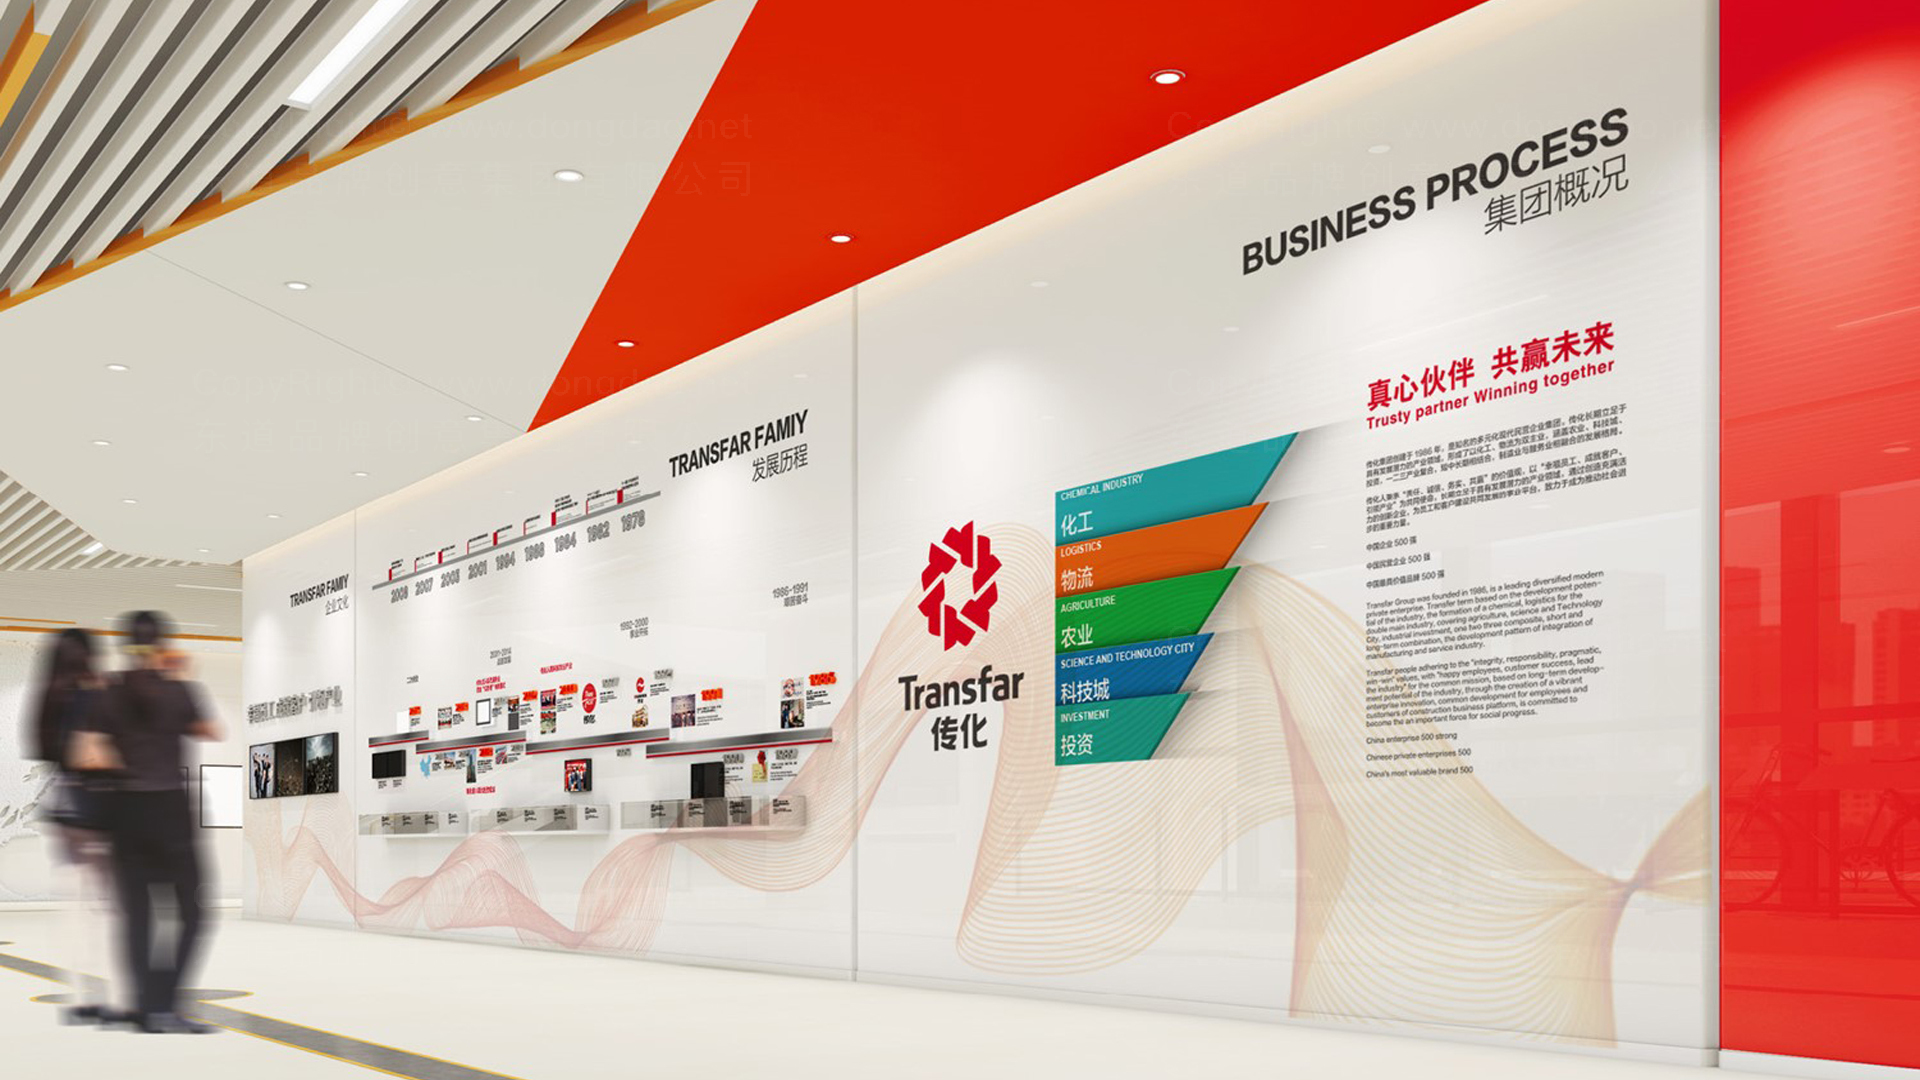 商业空间&导示传化支付展厅设计应用